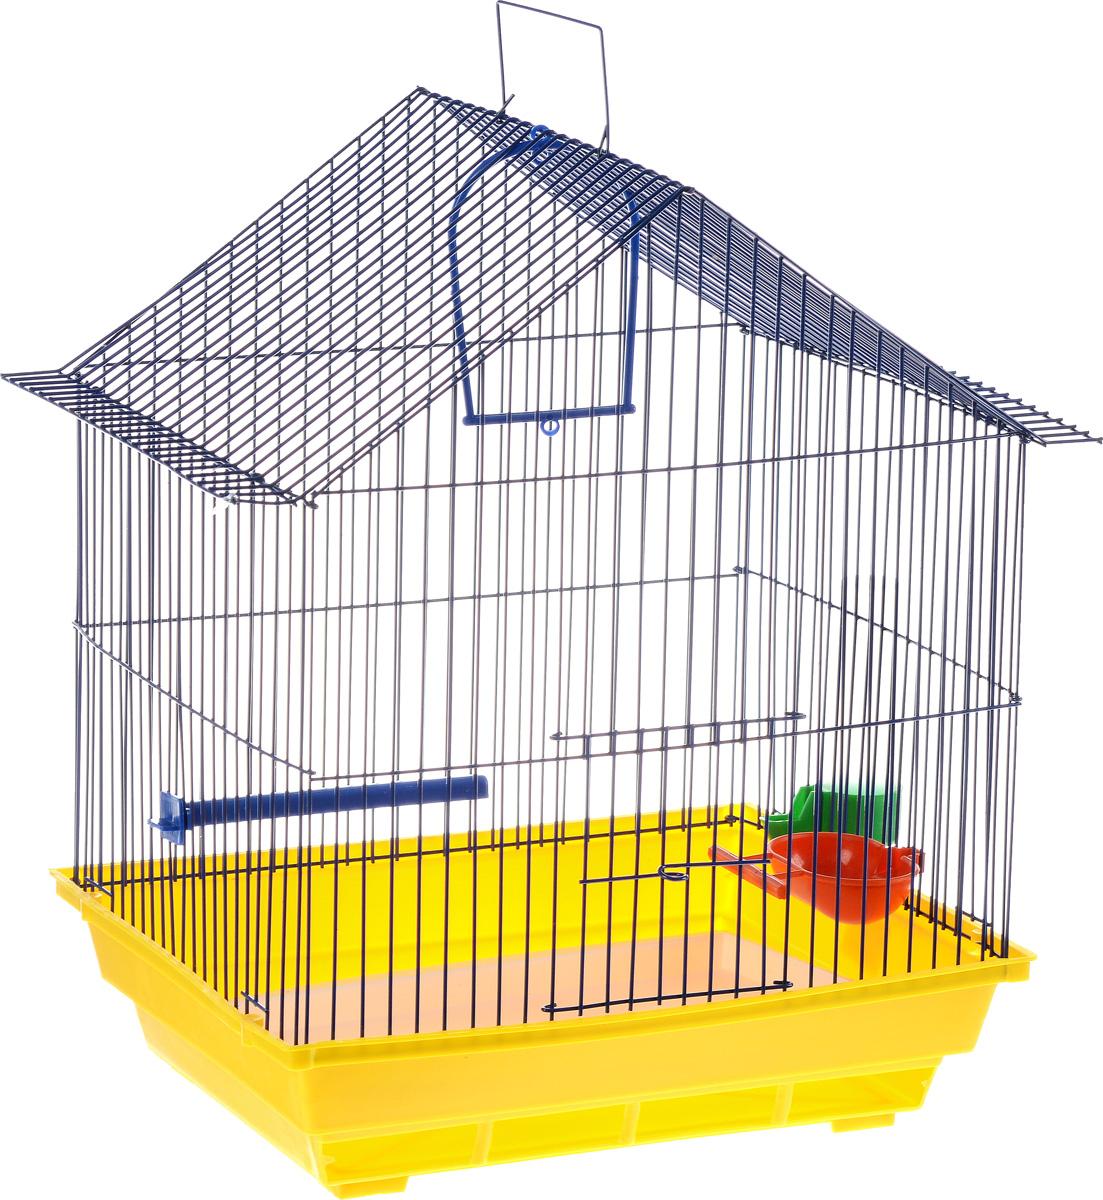 Клетка для птиц ЗооМарк, цвет: желтый поддон, синяя решетка, 39 х 28 х 42 см410_желтый, синийКлетка ЗооМарк, выполненная из полипропилена и металла с эмалированным покрытием, предназначена для мелких птиц. Изделие состоит из большого поддона и решетки. Клетка снабжена металлической дверцей. В основании клетки находится малый поддон. Клетка удобна в использовании и легко чистится. Она оснащена кольцом для птицы, поилкой, кормушкой и подвижной ручкой для удобной переноски. Комплектация: - клетка с поддоном; - малый поддон; - поилка; - кормушка; - кольцо.